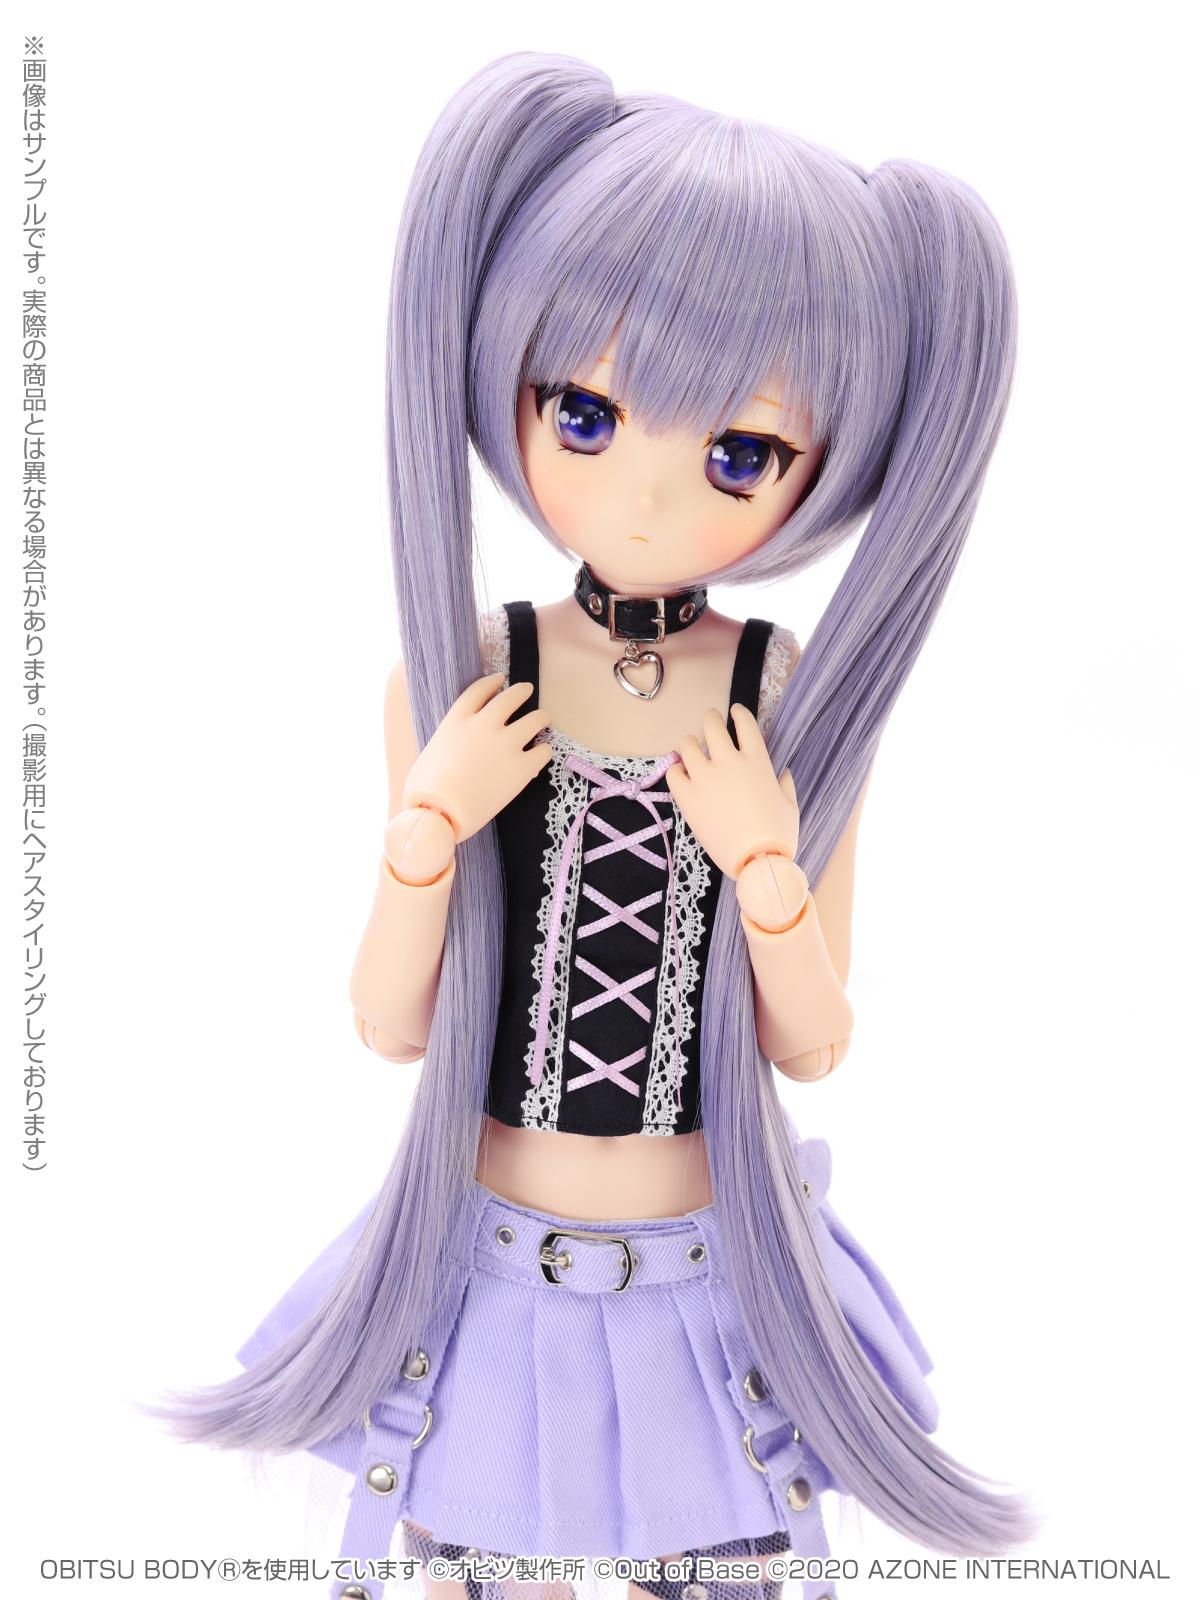 【限定販売】Iris Collect petit『すずね/Noraneko drops ver.1.1(アゾンダイレクトストア販売ver.)』1/3 完成品ドール-012